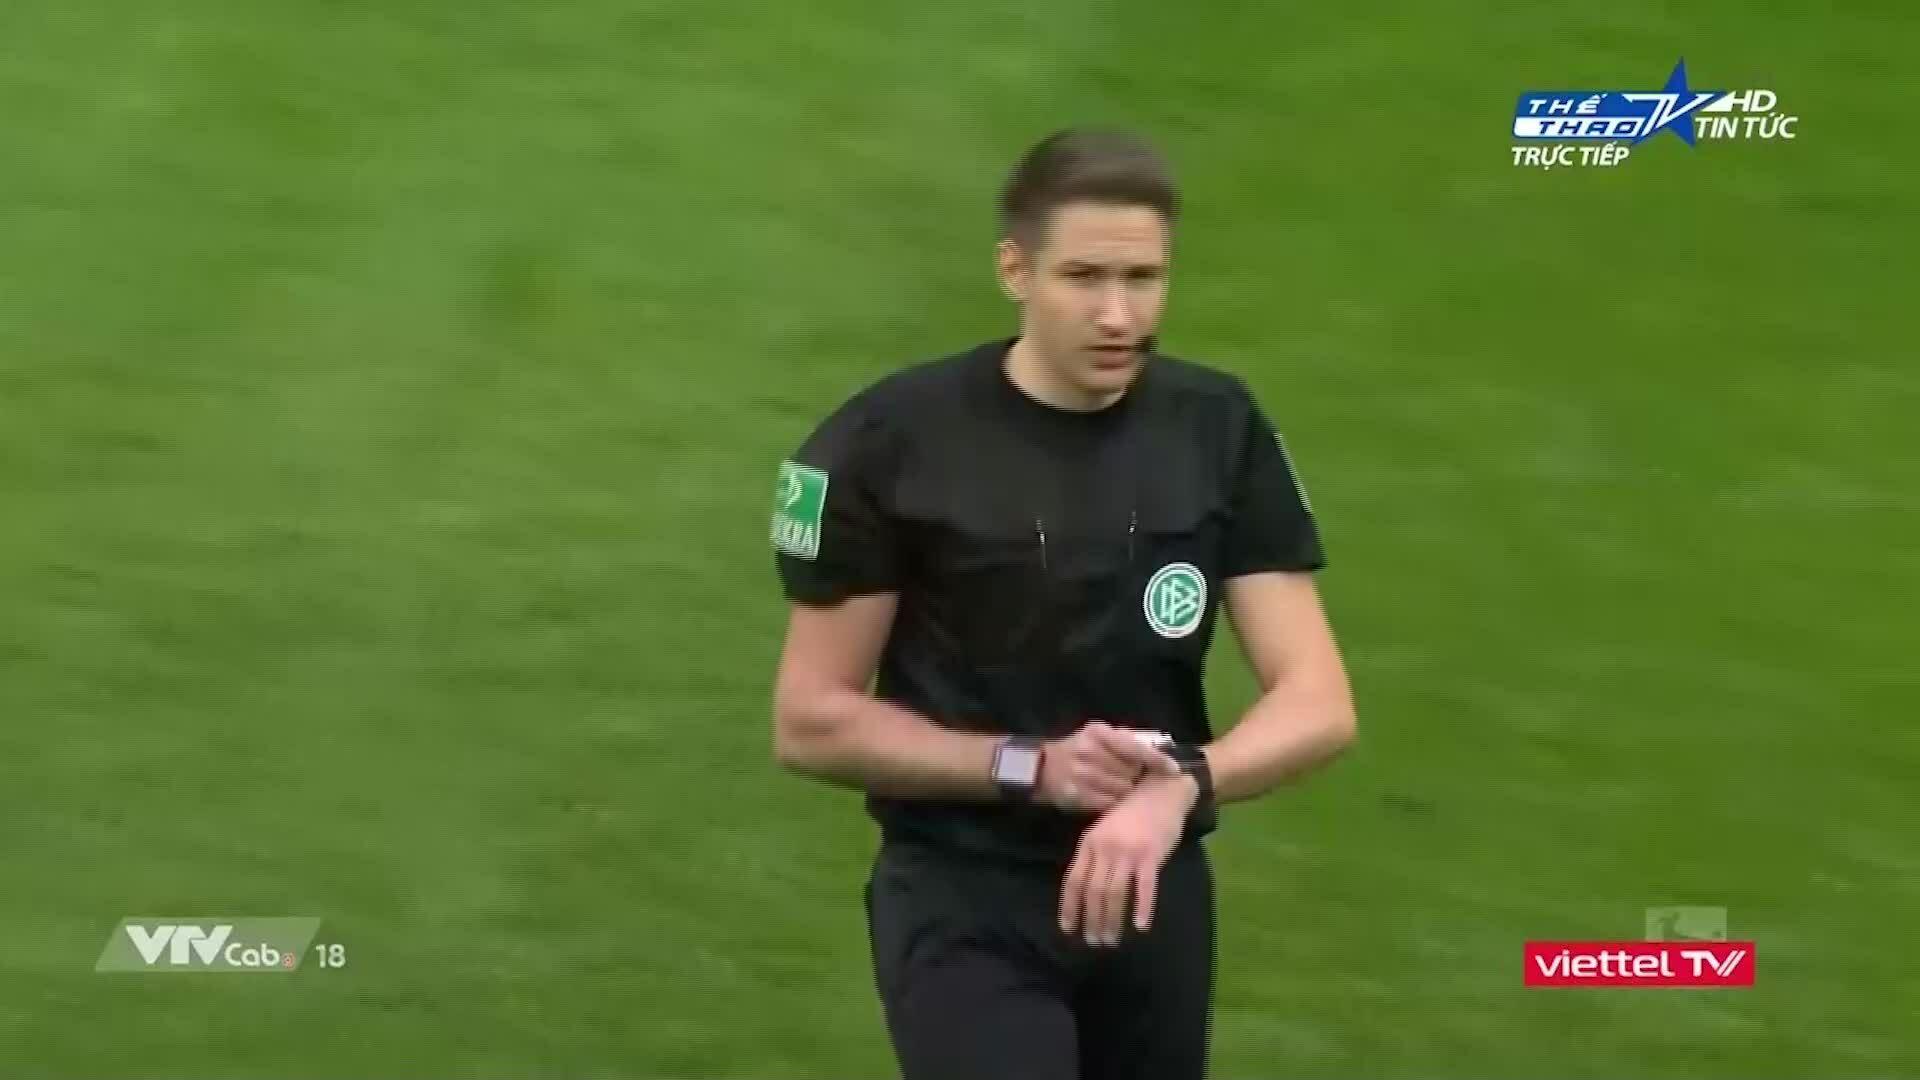 Dortmund 3-0 Bielefeld